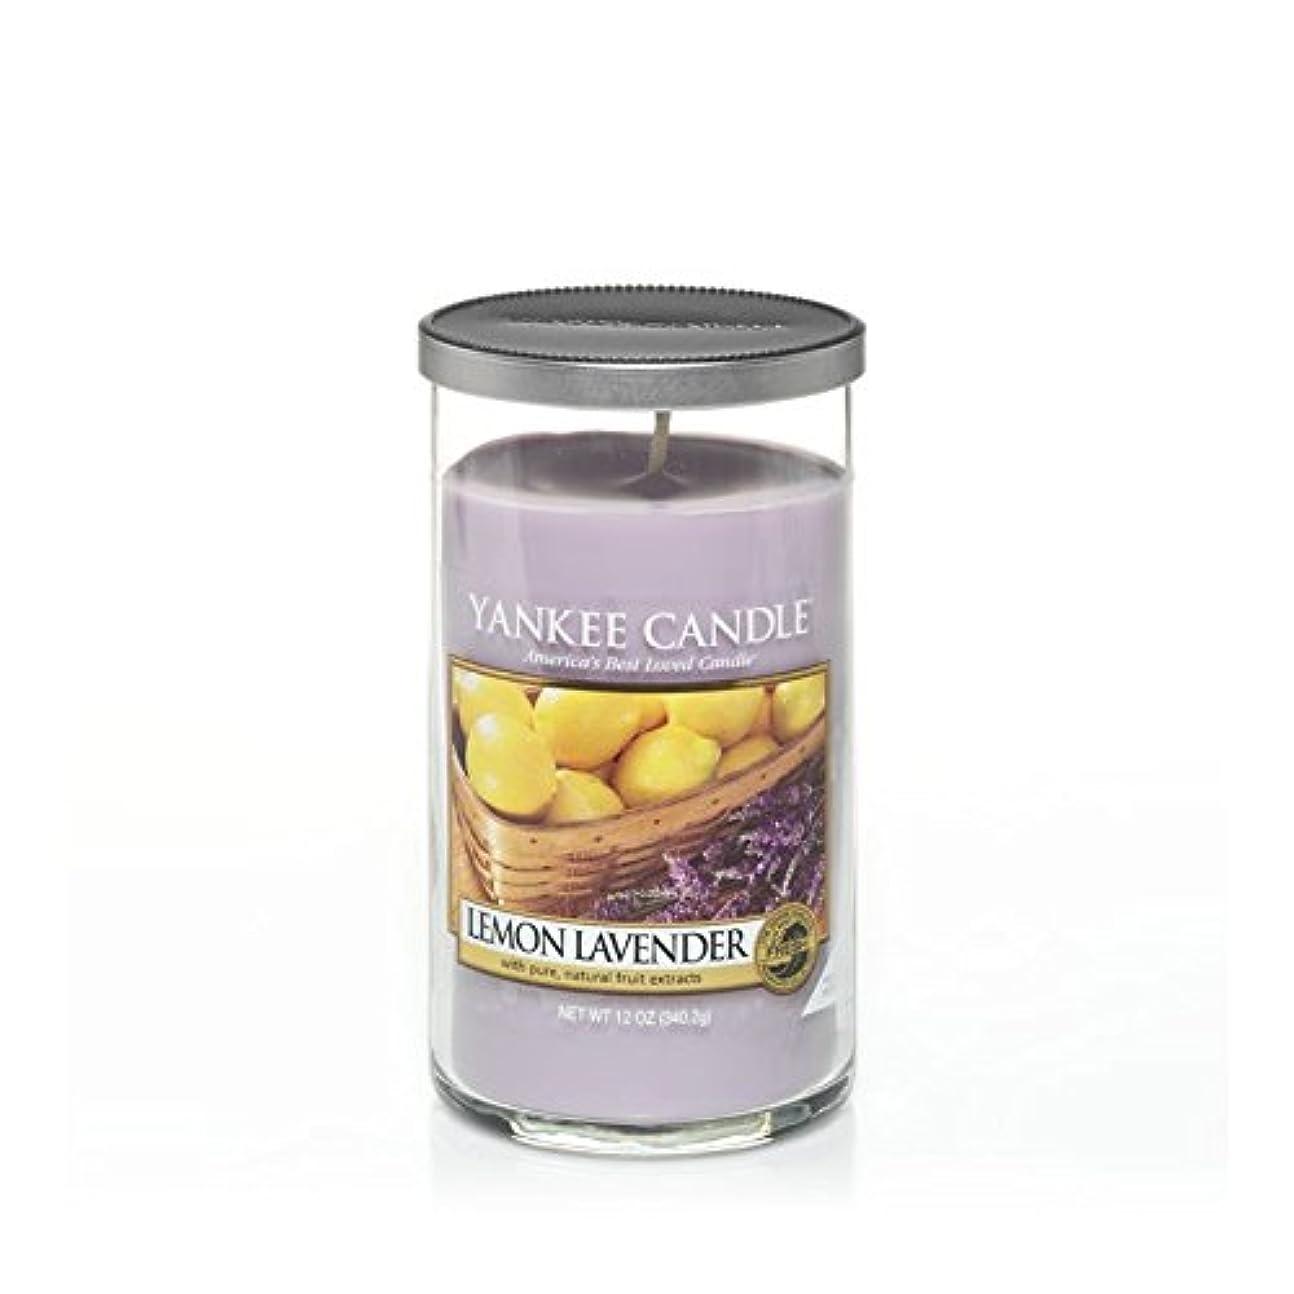 放映技術的な虚弱Yankee Candles Medium Pillar Candle - Lemon Lavender (Pack of 6) - ヤンキーキャンドルメディアピラーキャンドル - レモンラベンダー (x6) [並行輸入品]